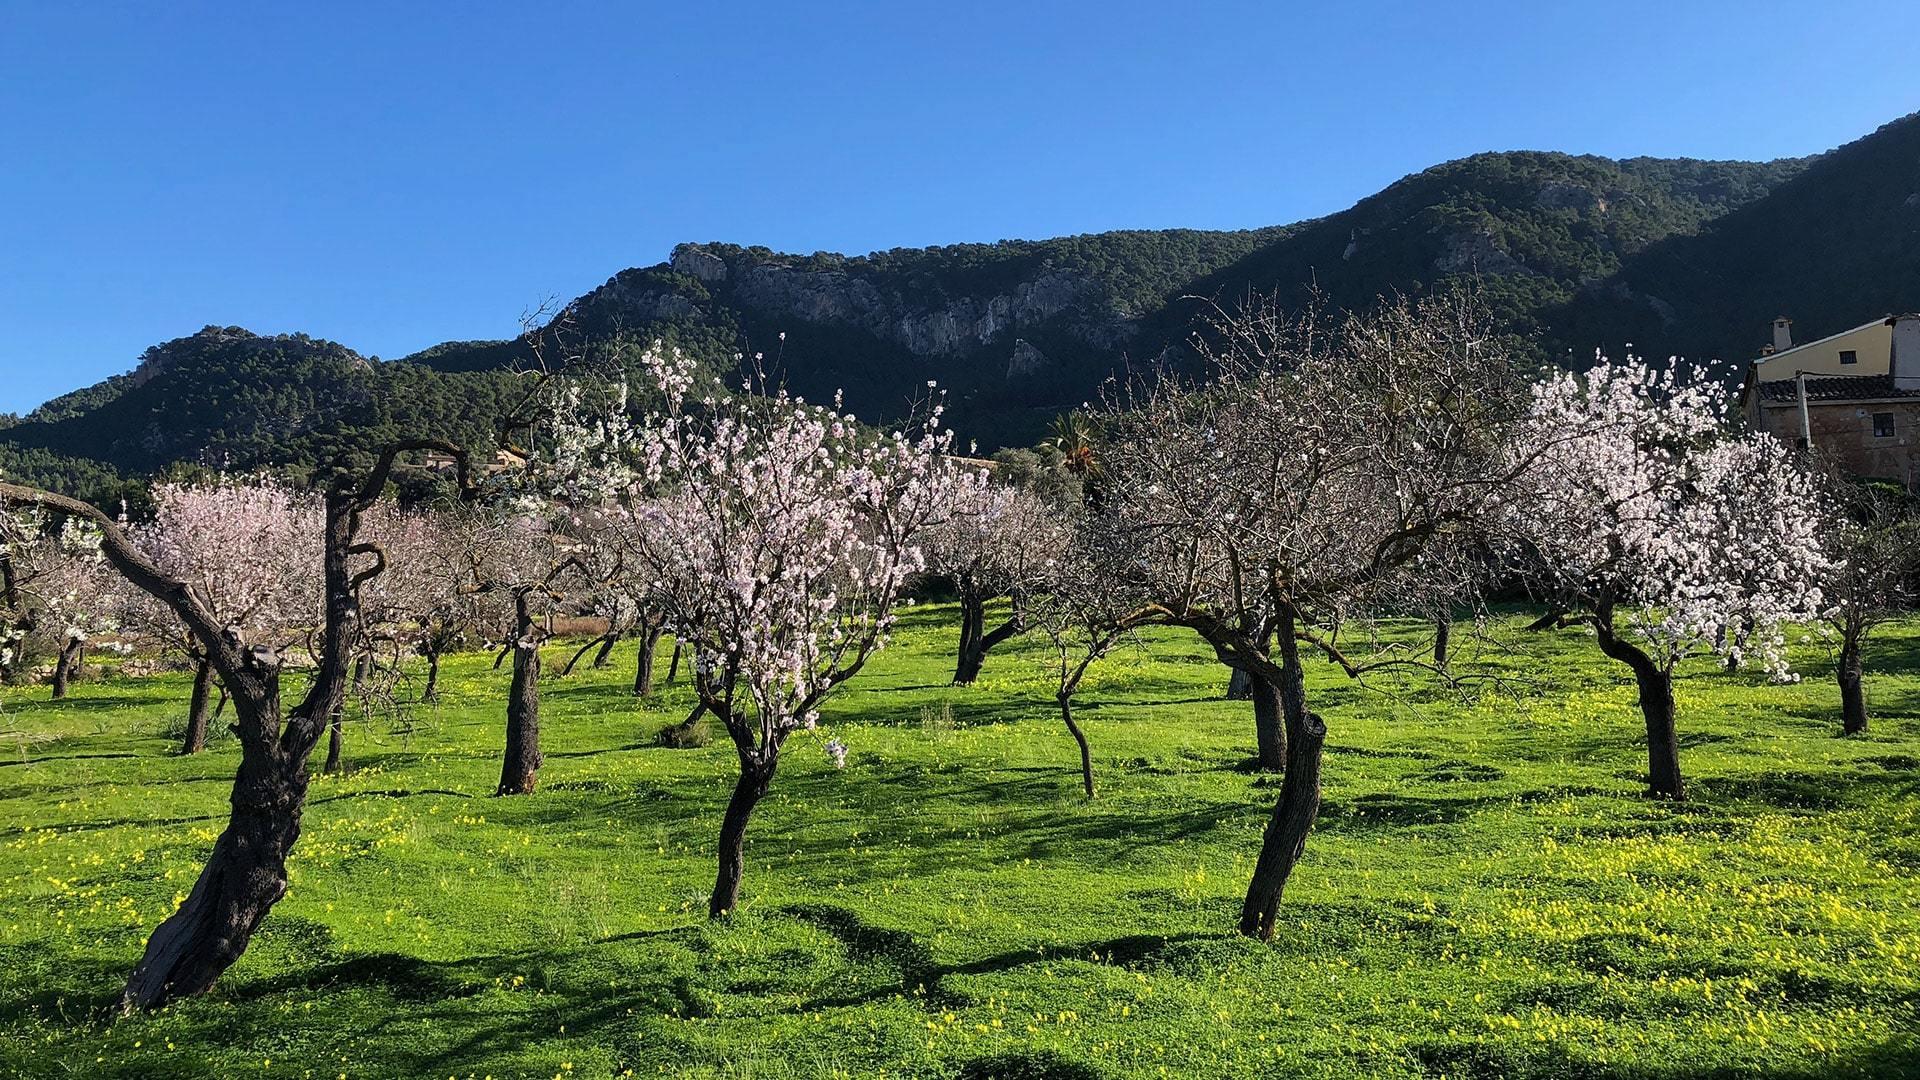 Almond blossom trees Mallorca by Ulla min